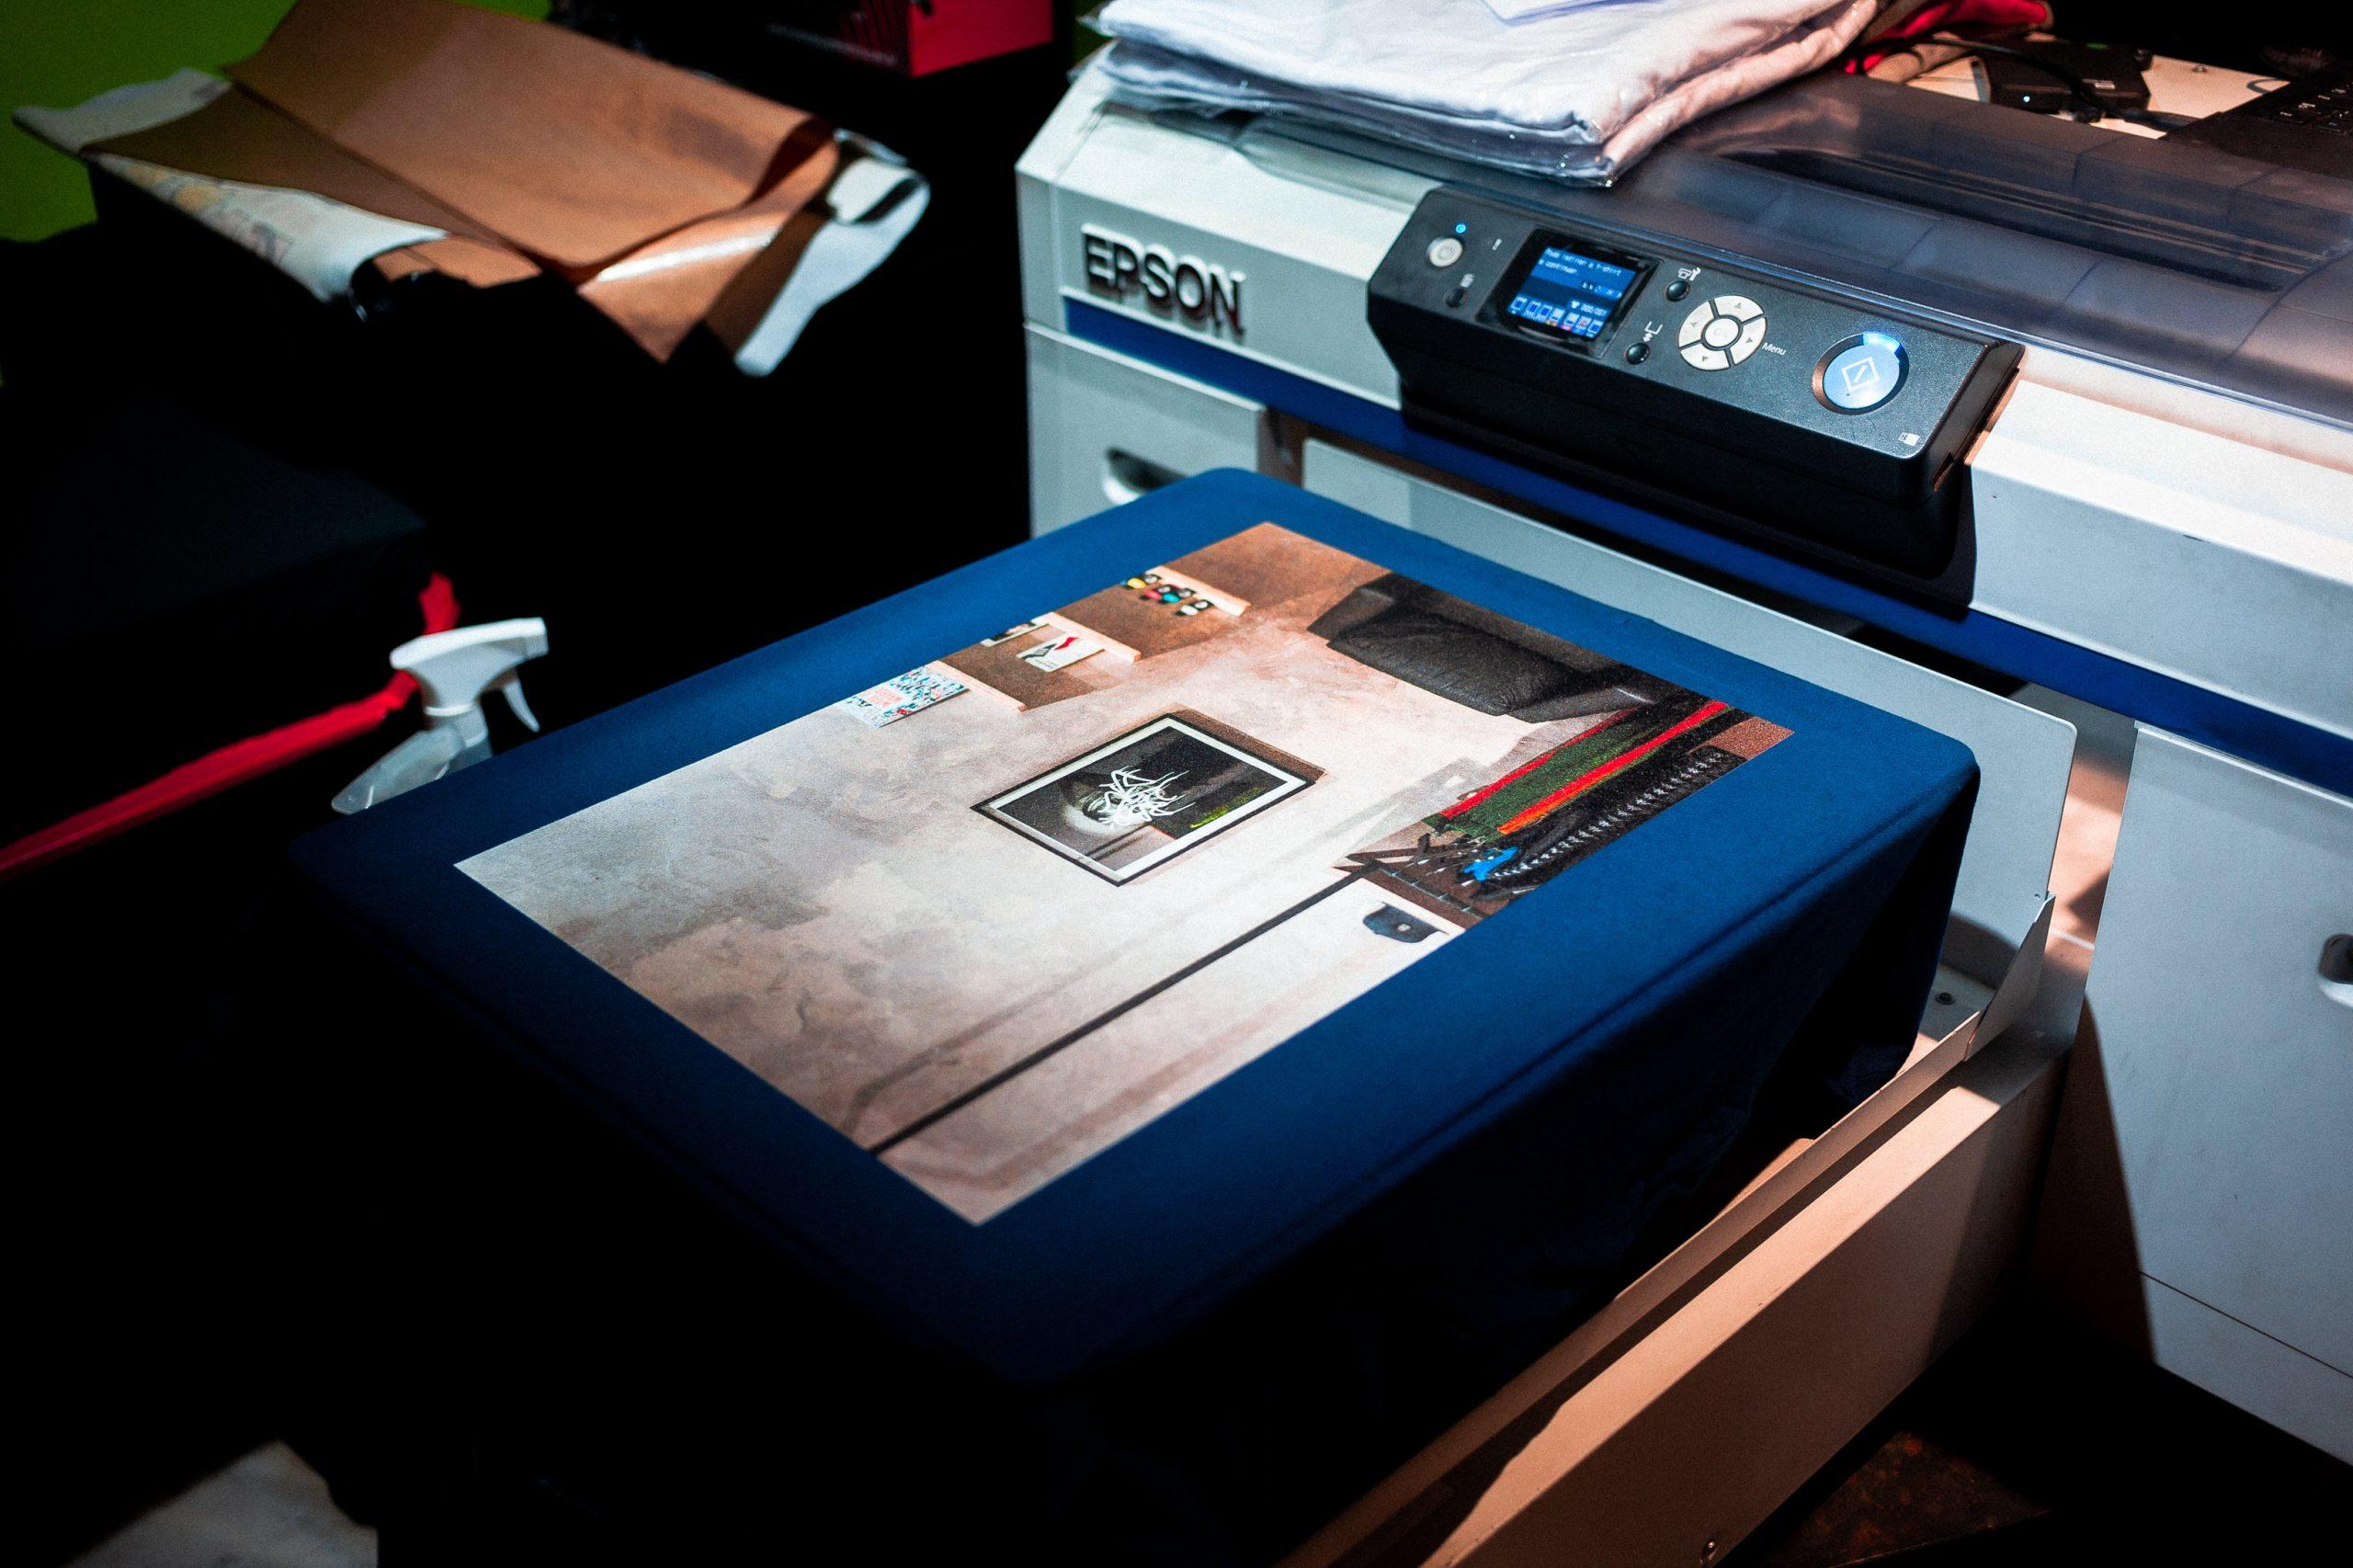 Imagem mostra objetos sendo escaneados em uma grande multifuncional.